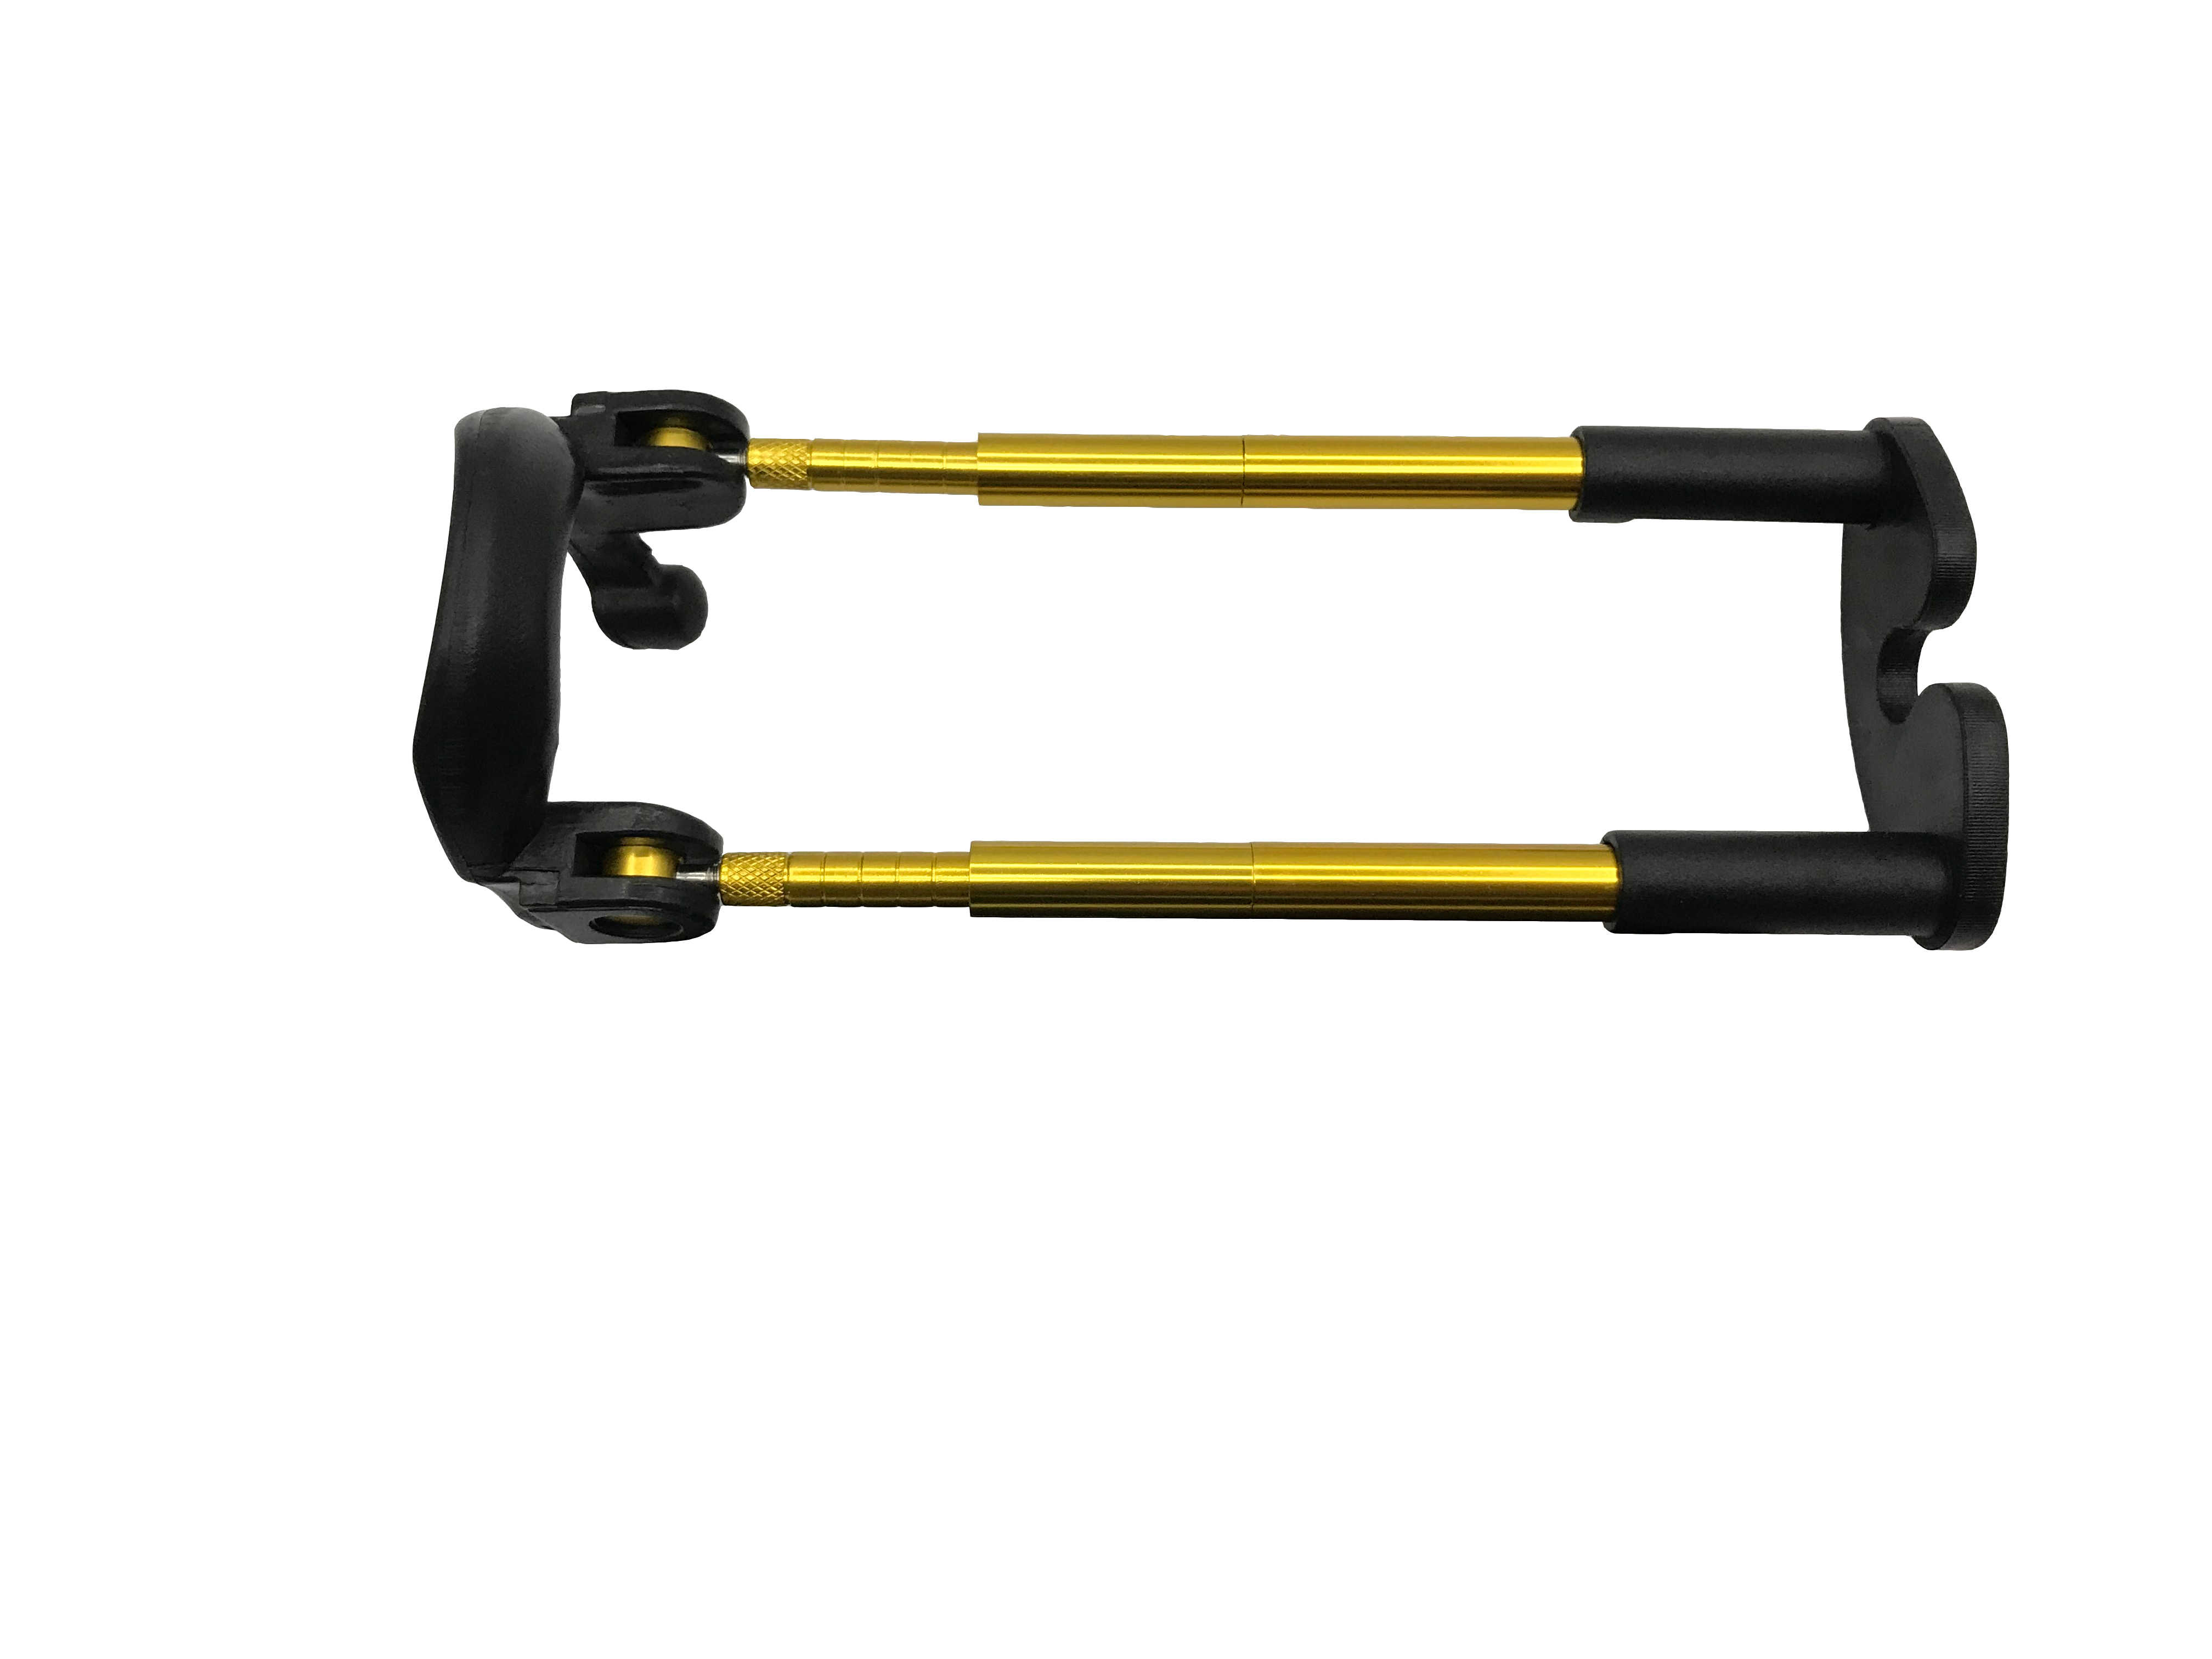 Système d'agrandissement masculin Pro agrandisseur système d'amélioration de civière peni masters pro extender pompe phallosan peni